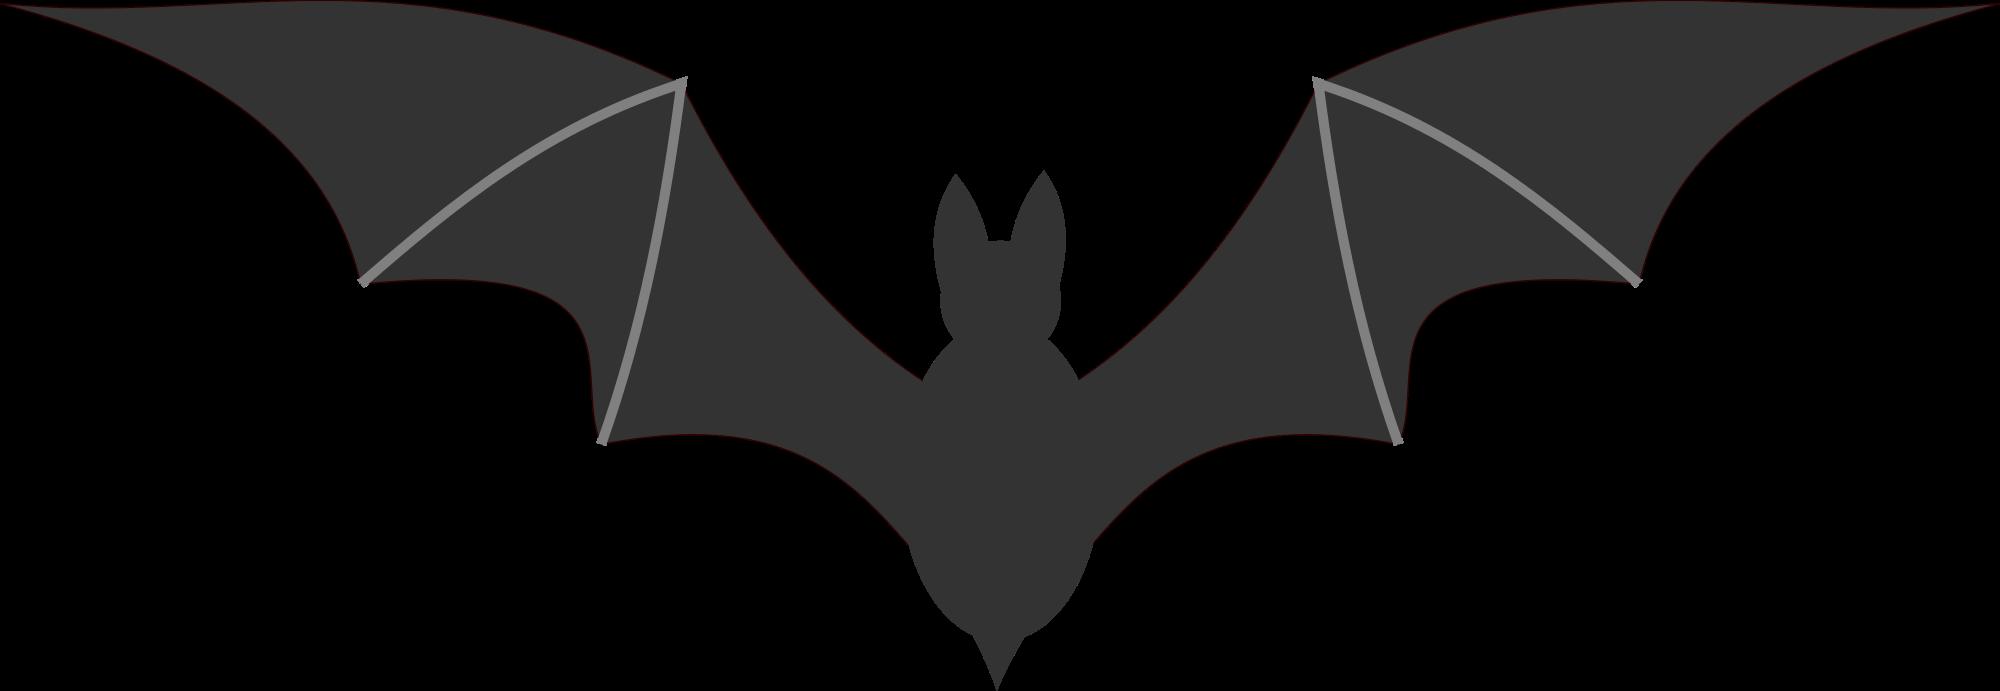 Png . Bat clipart transparent background